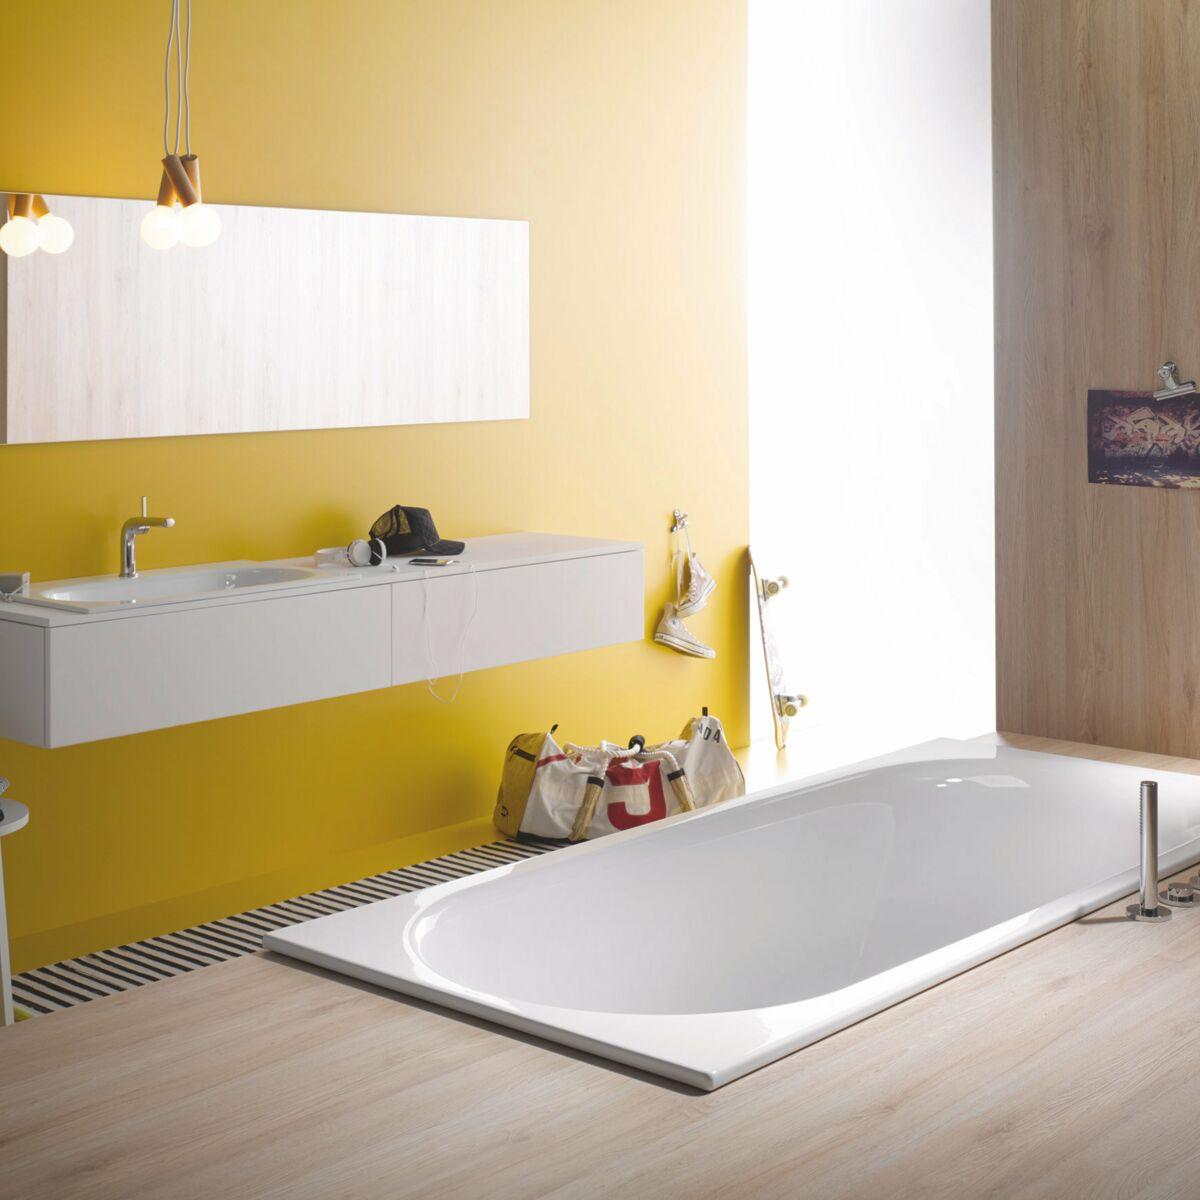 Repose Tete Baignoire Ikea baignoire pas chère ou de luxe : comment expliquer le prix